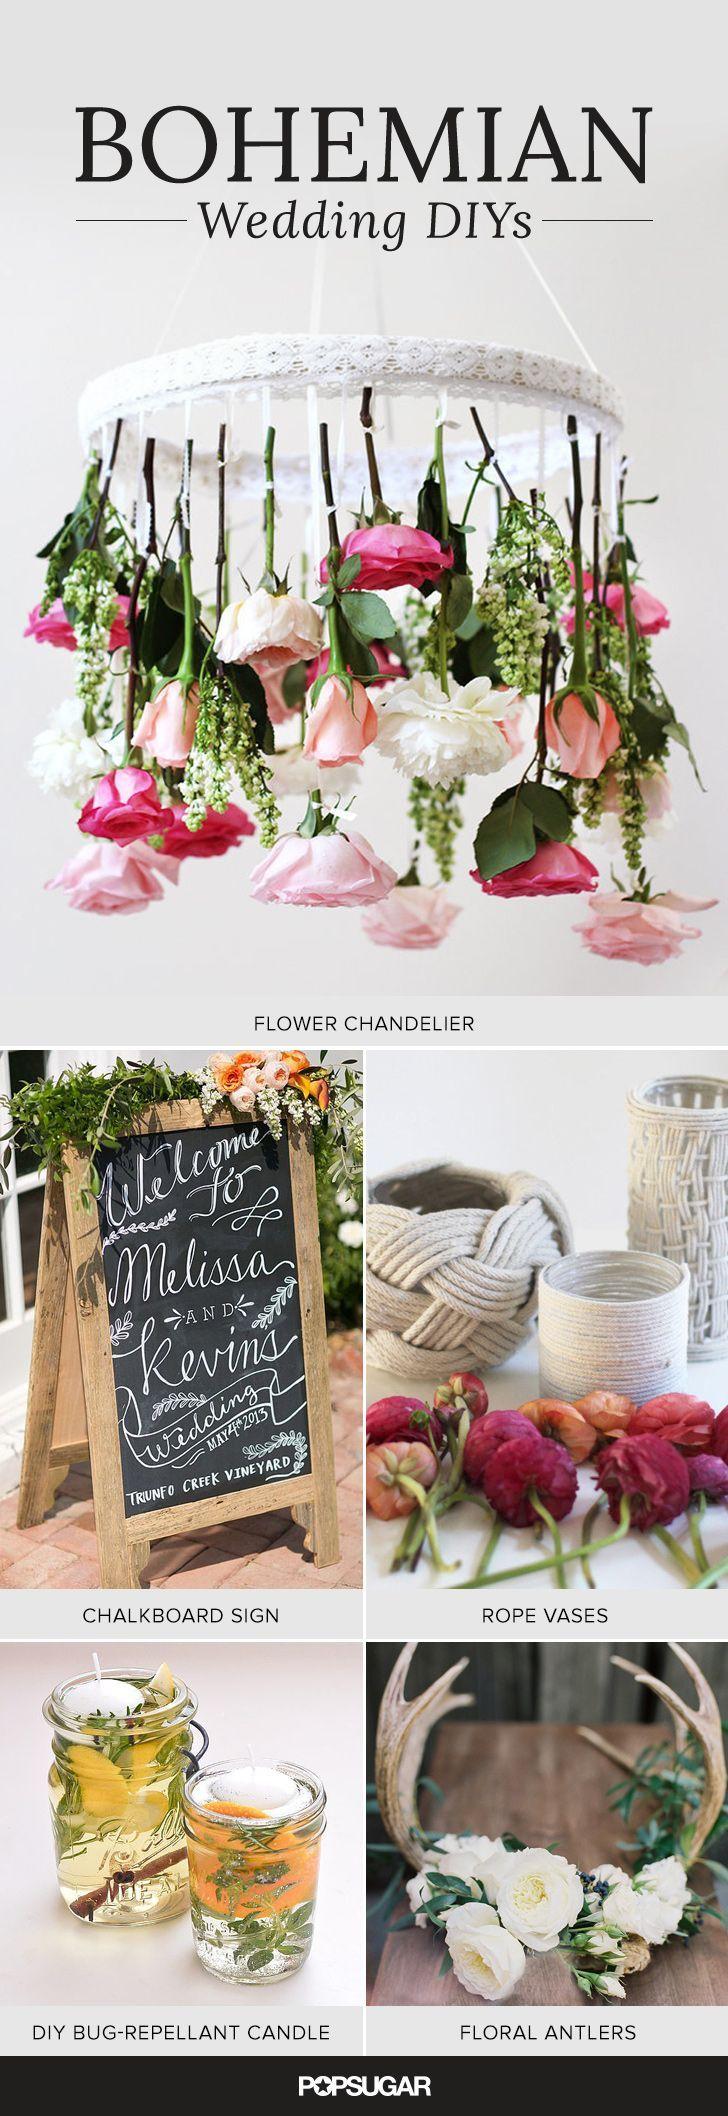 Manualidades para bodas boho: velas para repeler insectos, chandeliers, suculentas, de PopSugar.com